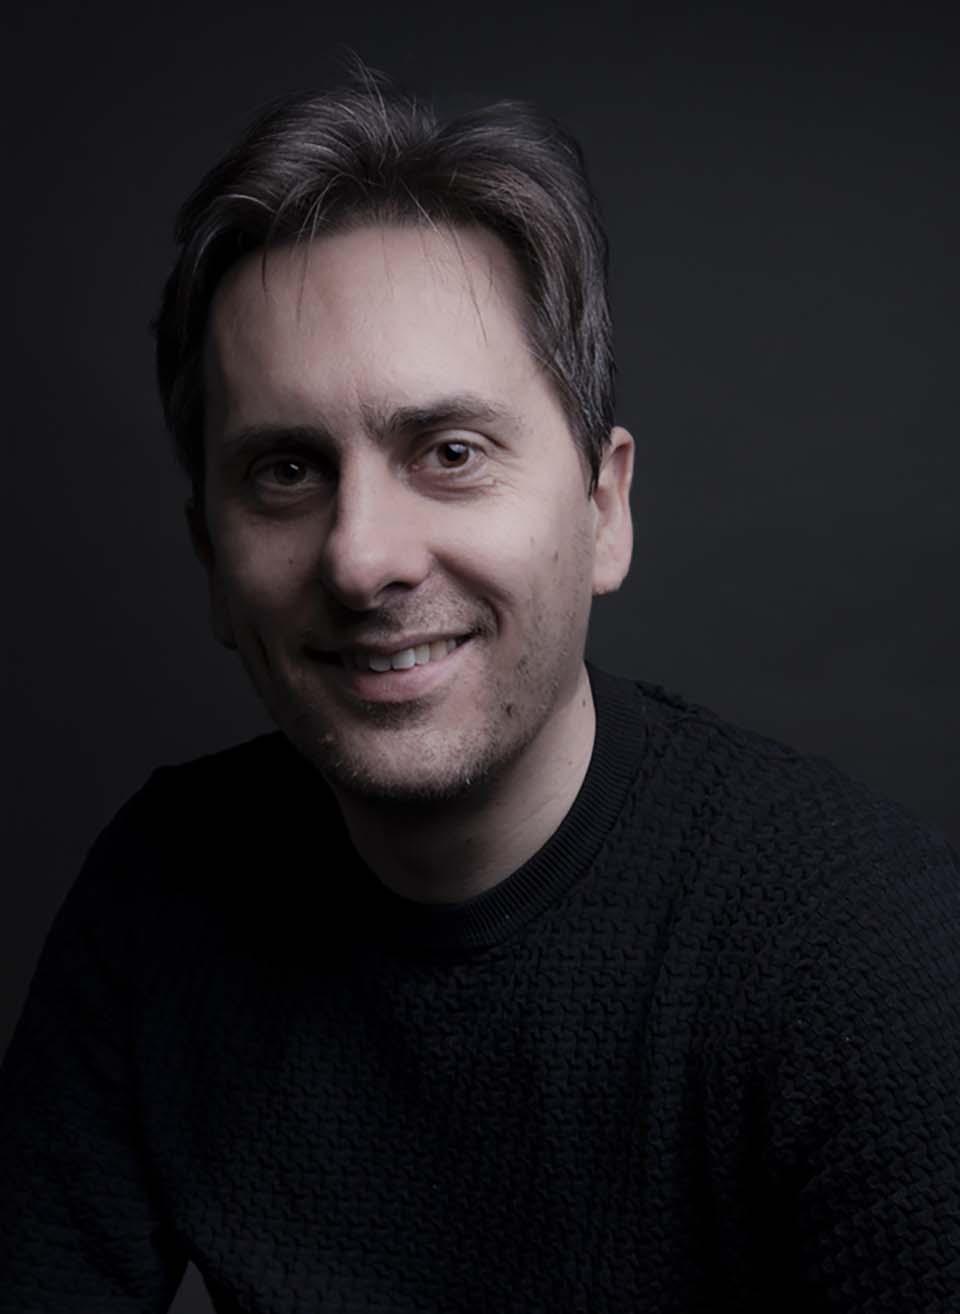 Image: Sébastien Gallet